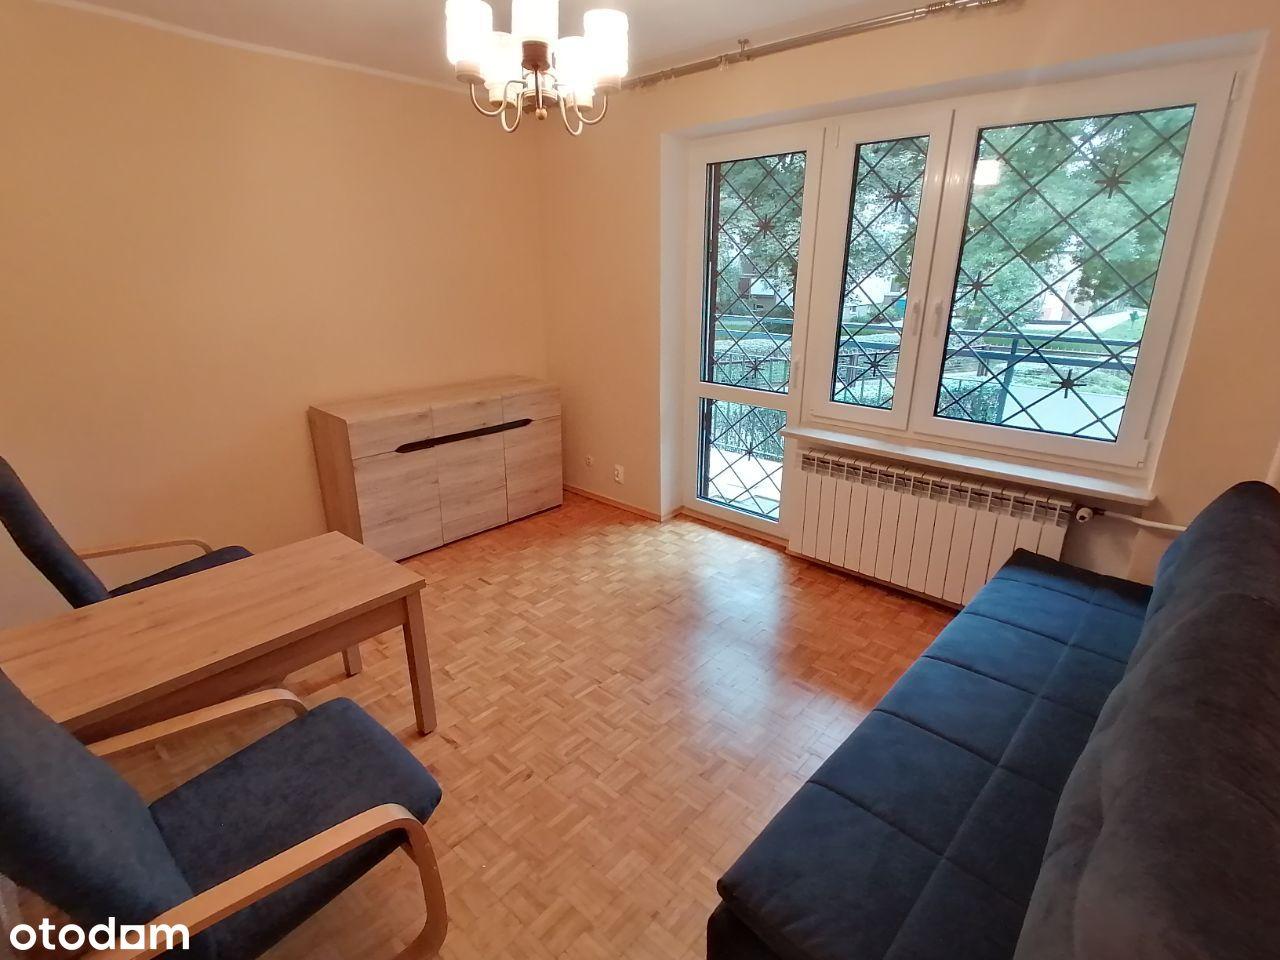 Mieszkanie 2-pokojowe (39 m2) blisko Metra Młynów